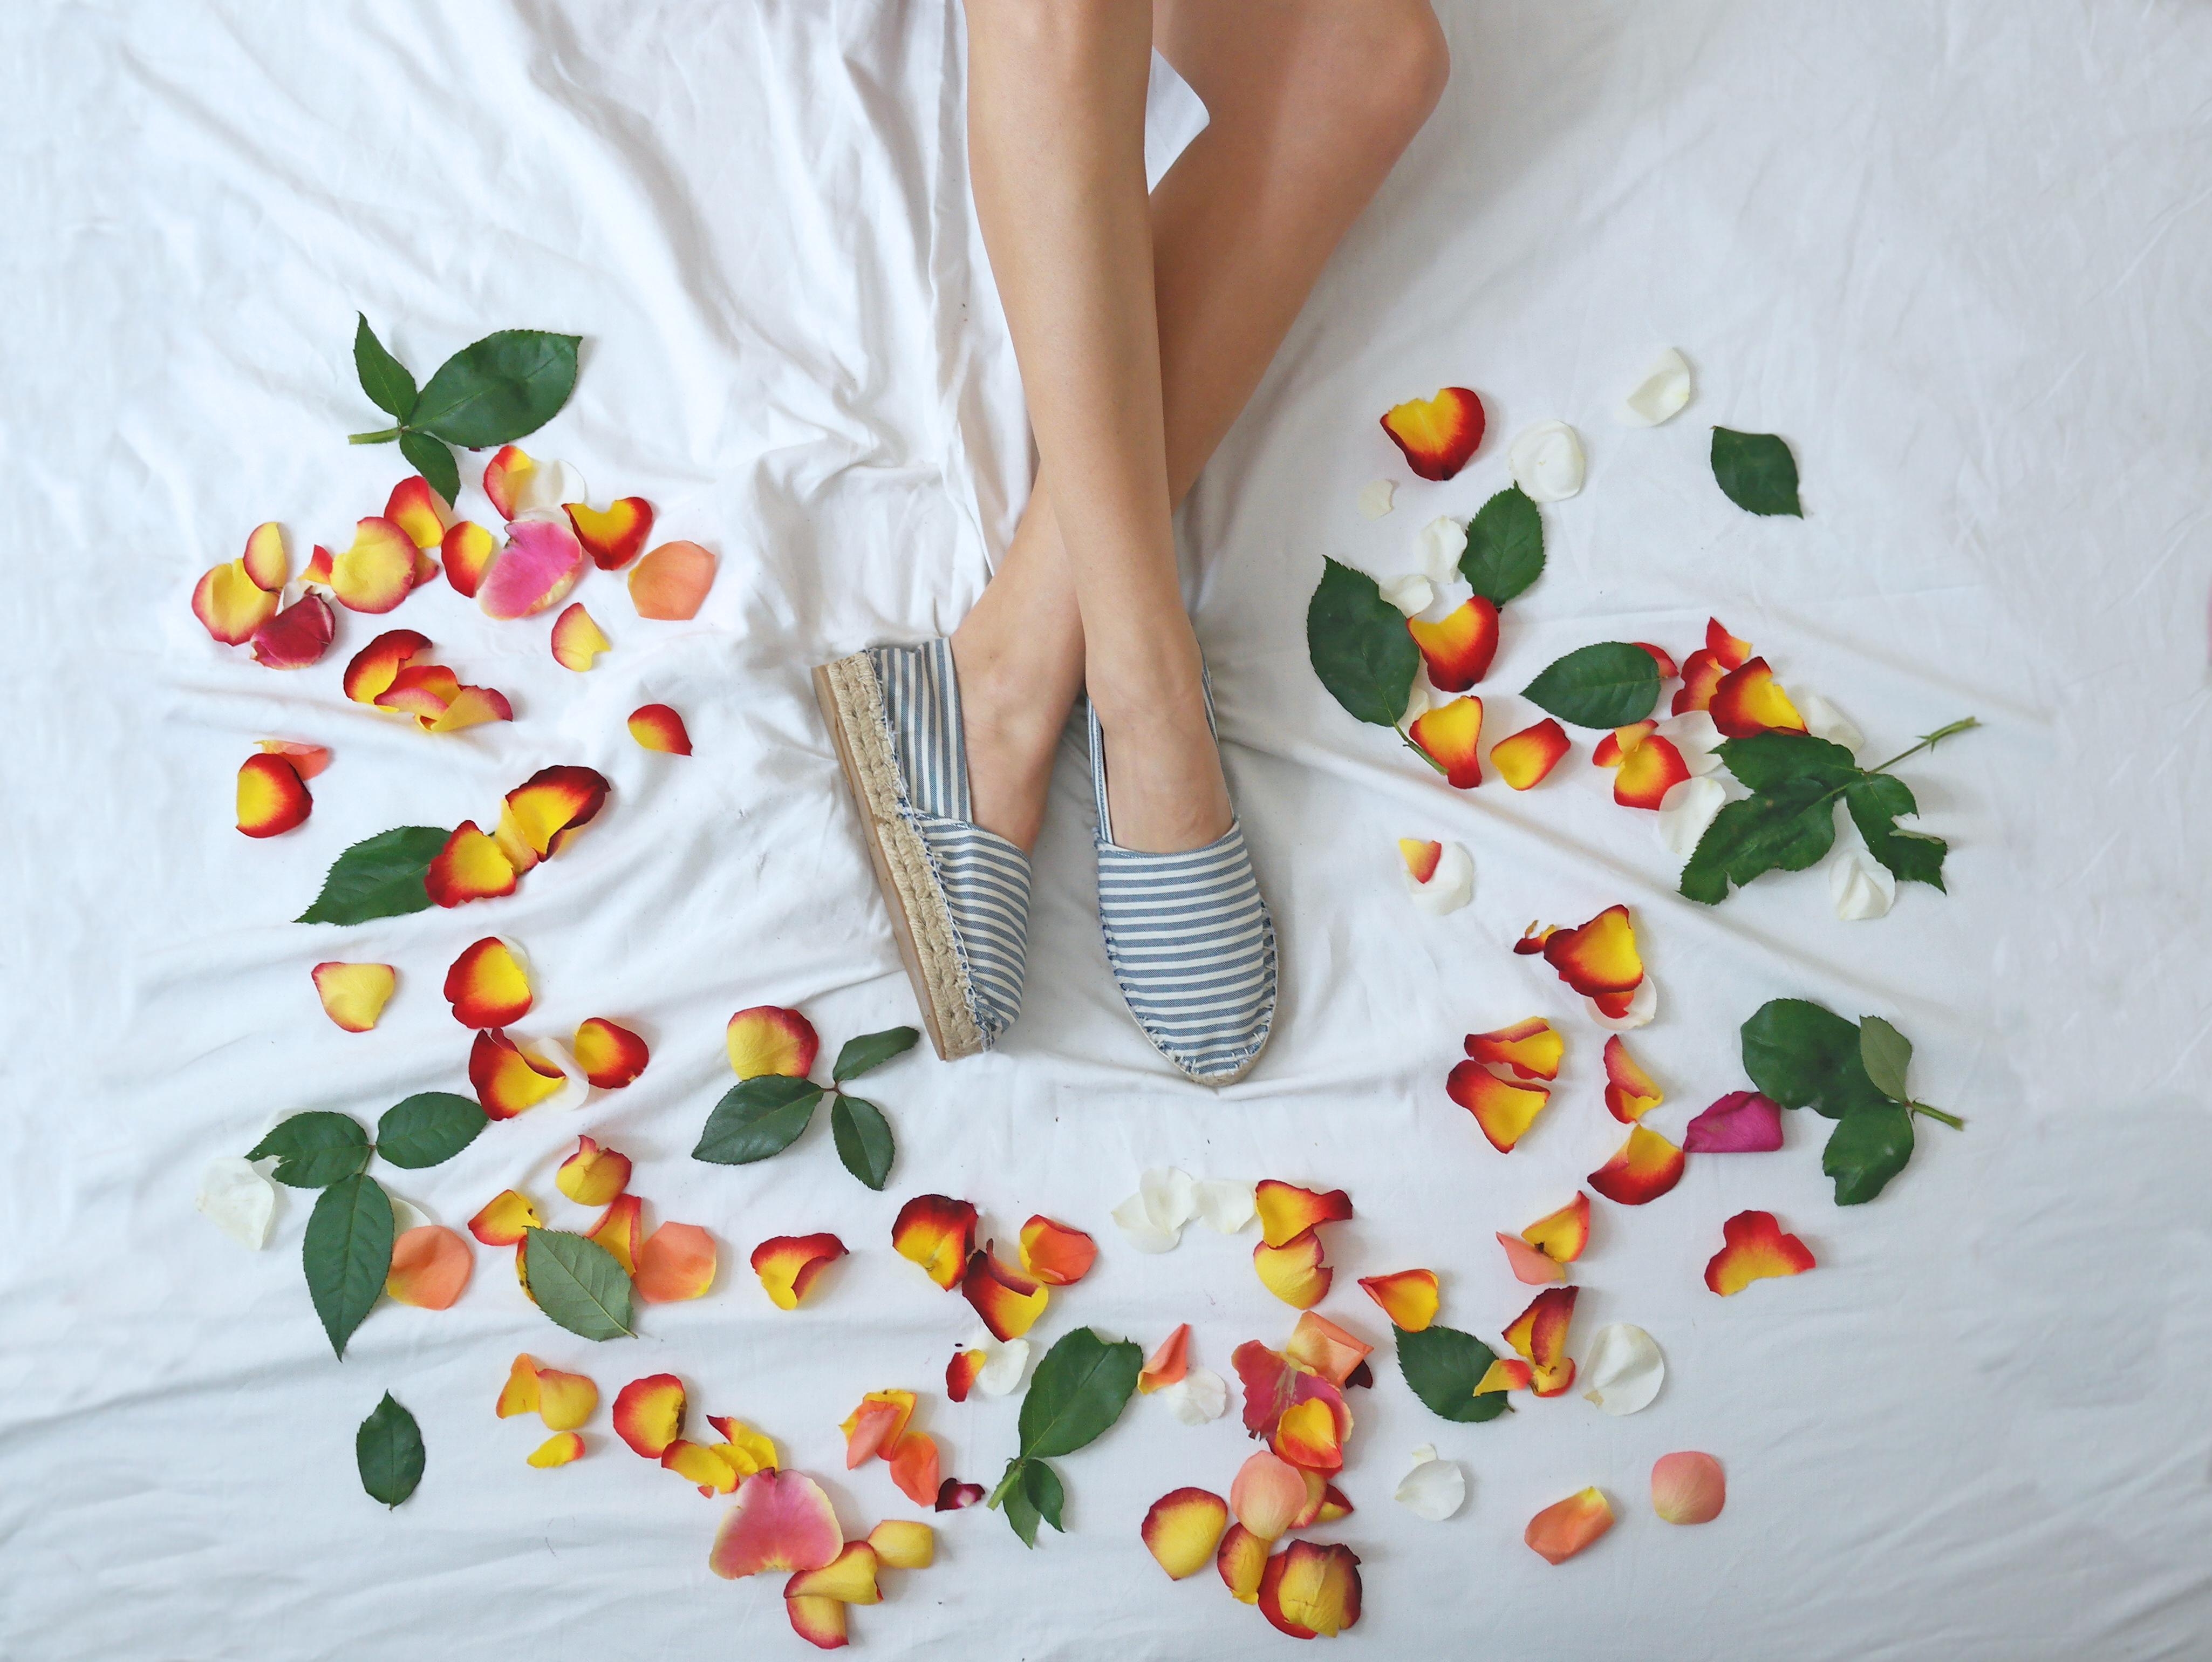 Τα χειροποίητα παπούτσια του καλοκαιριού έχουν ελληνική υπογραφή - ELLE cbe428c48f1